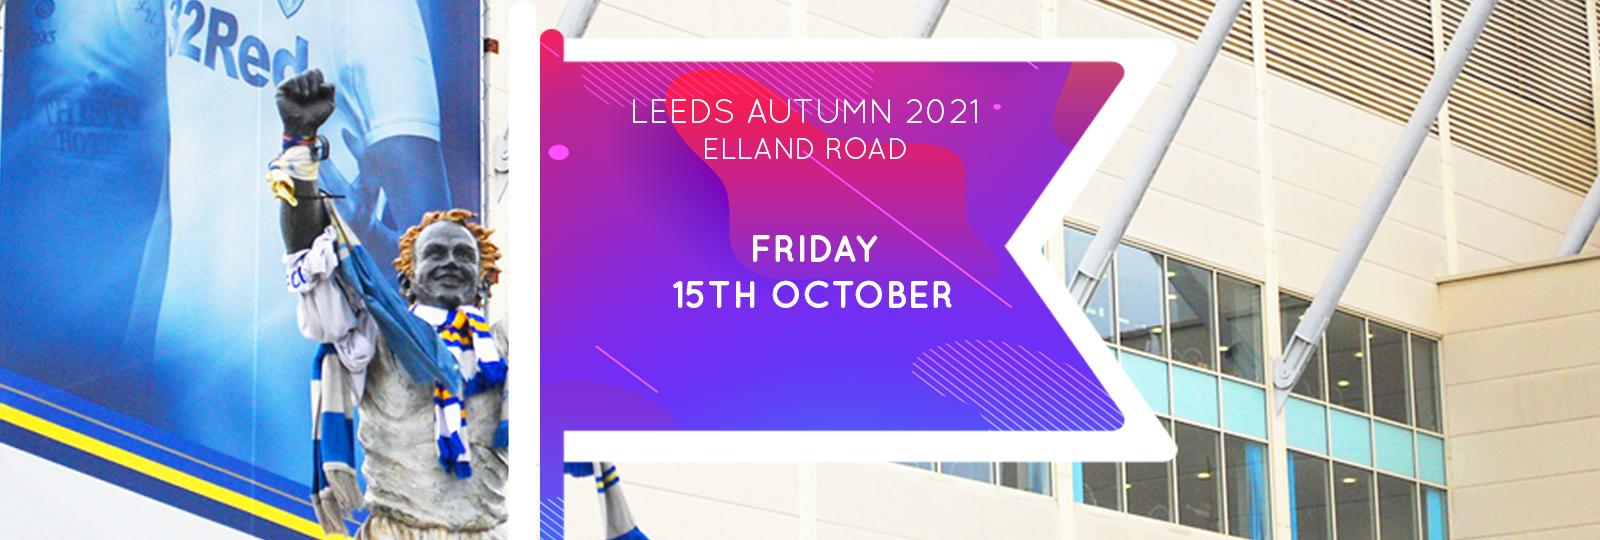 Leeds Autumn 2021 Fair